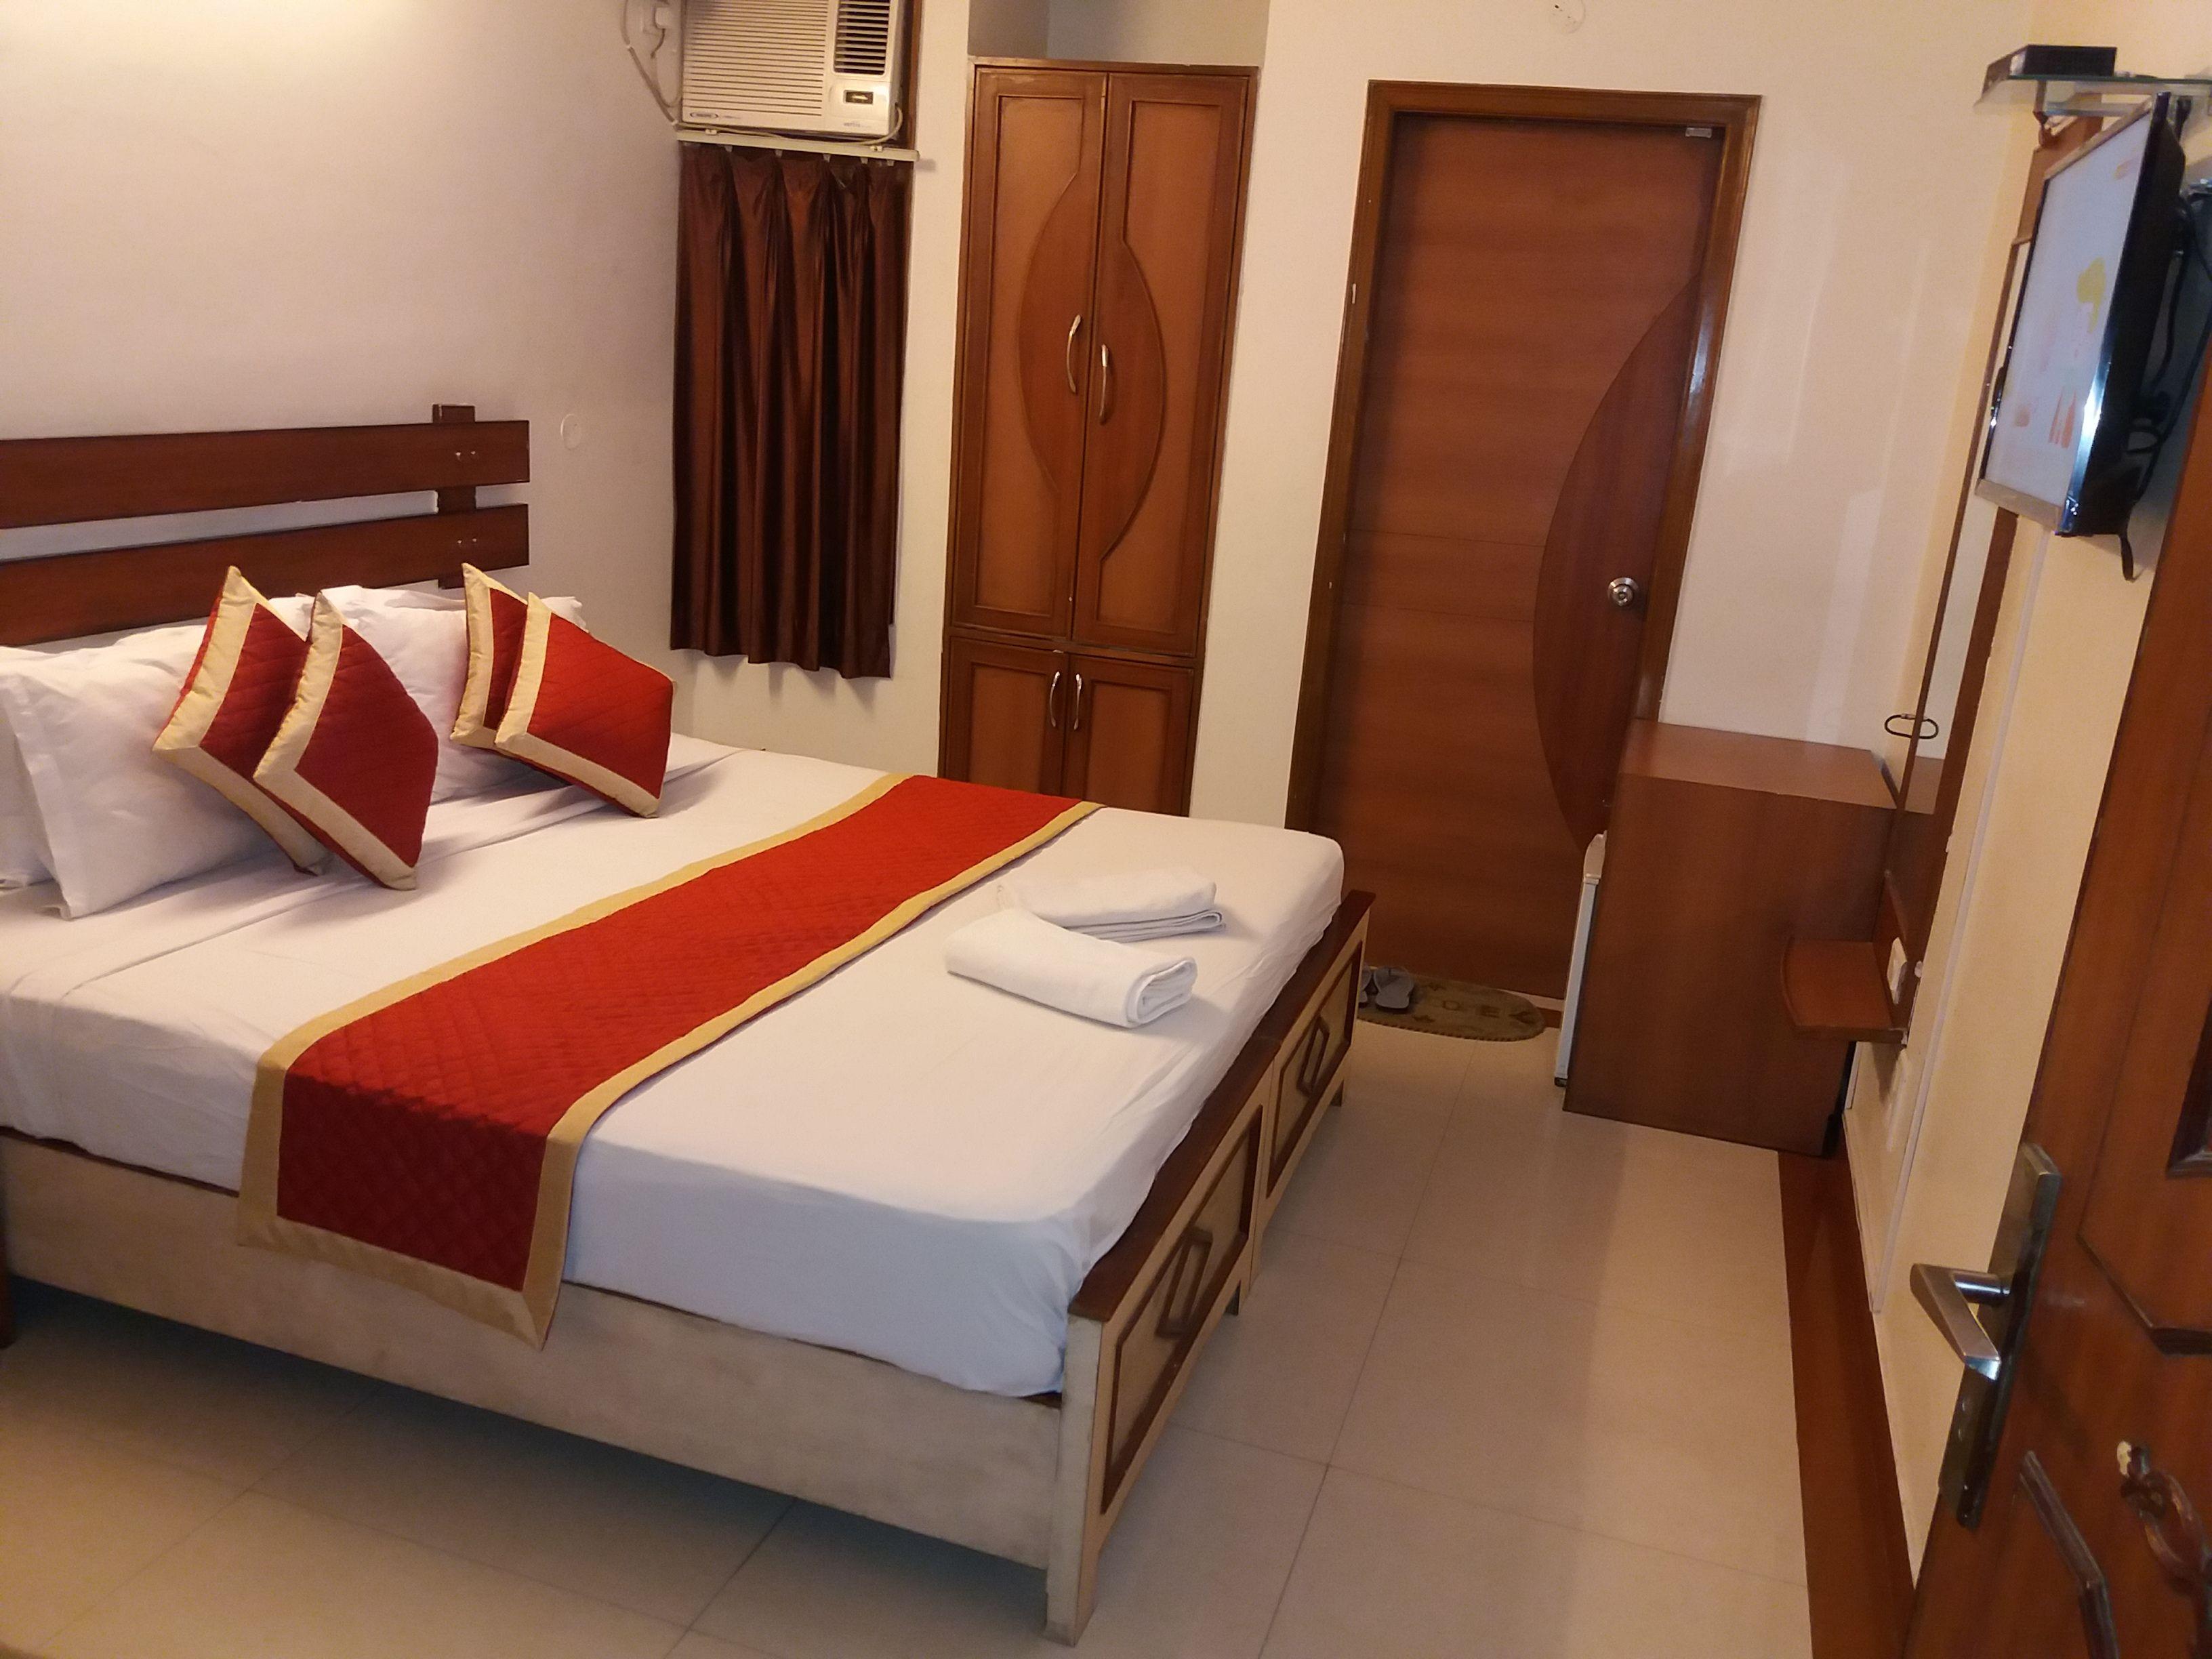 Grand Room Hotel Kings Corner Jaipur 3 Star Hotels Nearby Jlaaipur